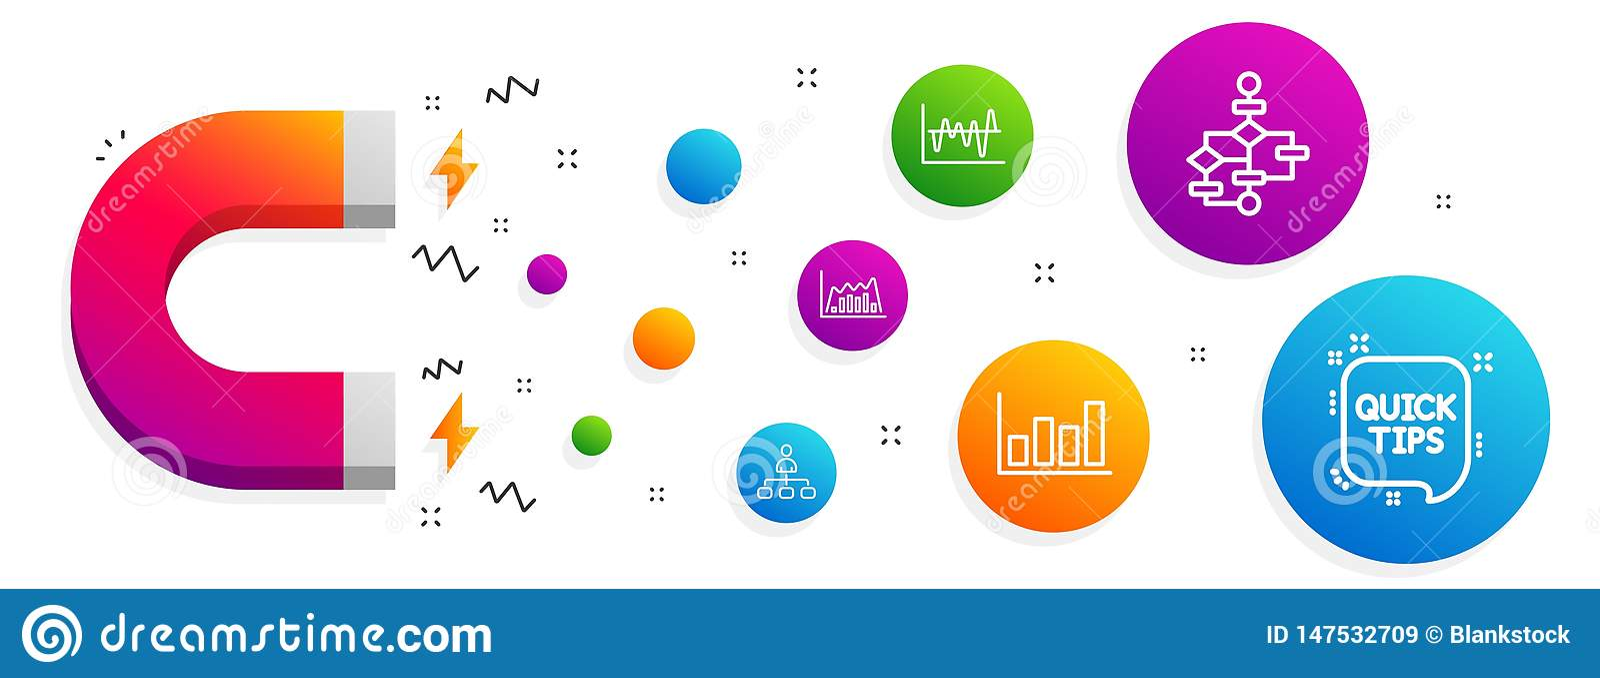 股票分析,管理和结构图象集合 报告图、Infographic图表和快的技巧标志 ??